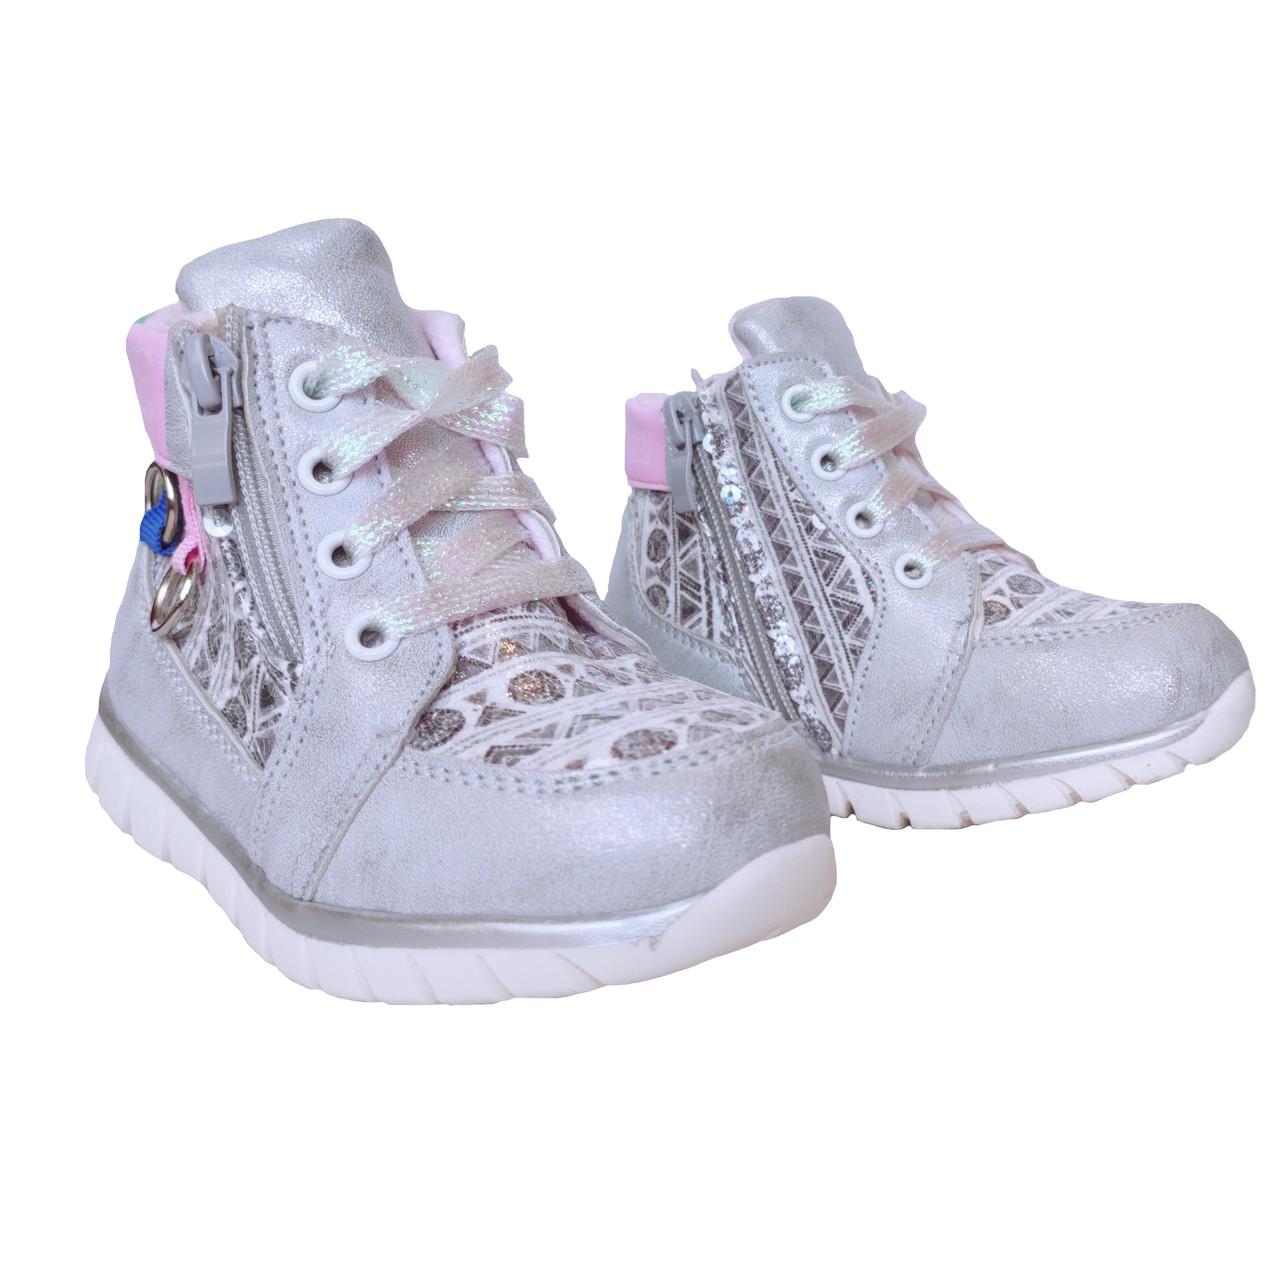 Ботинки девочкам, р. 24, 25, 26, 28. Демисезонные утепленные серебристые осенние ботиночки малышкам.